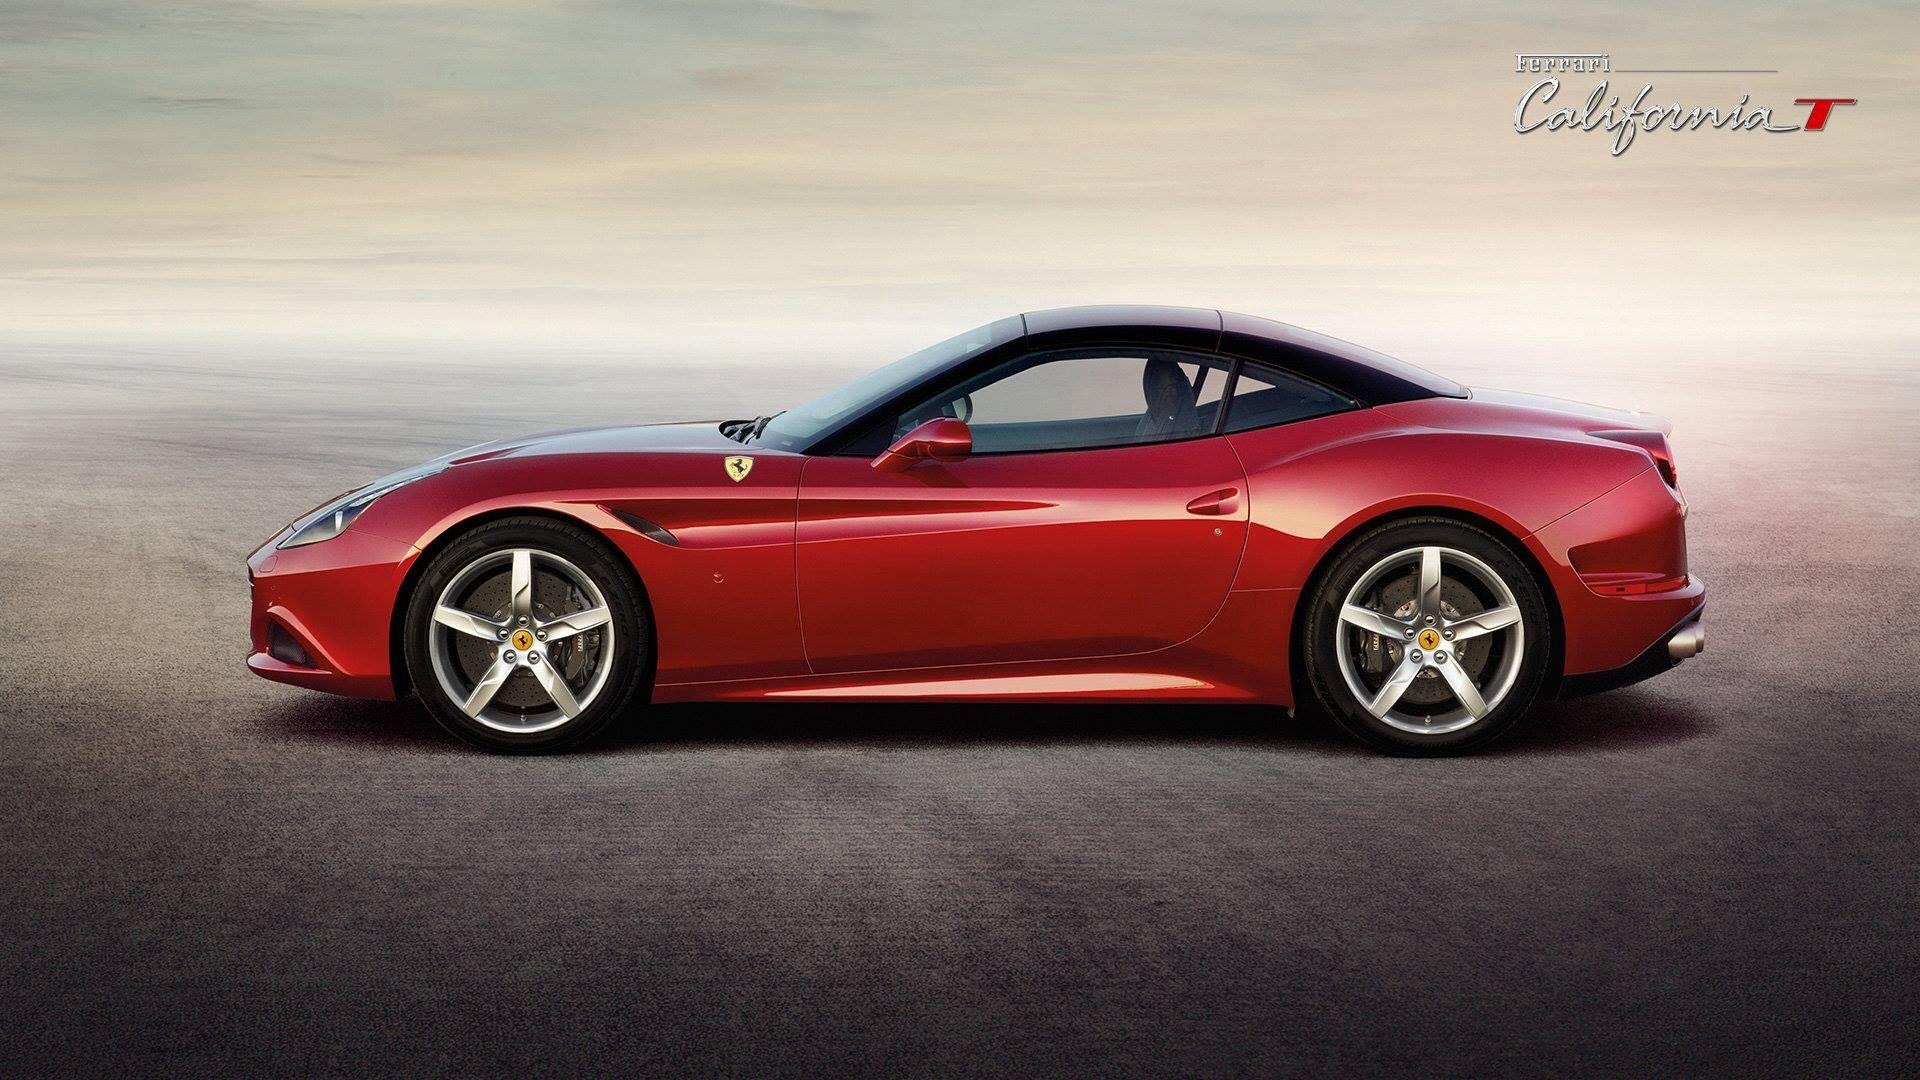 California T amazing (With images)   Ferrari california t ...